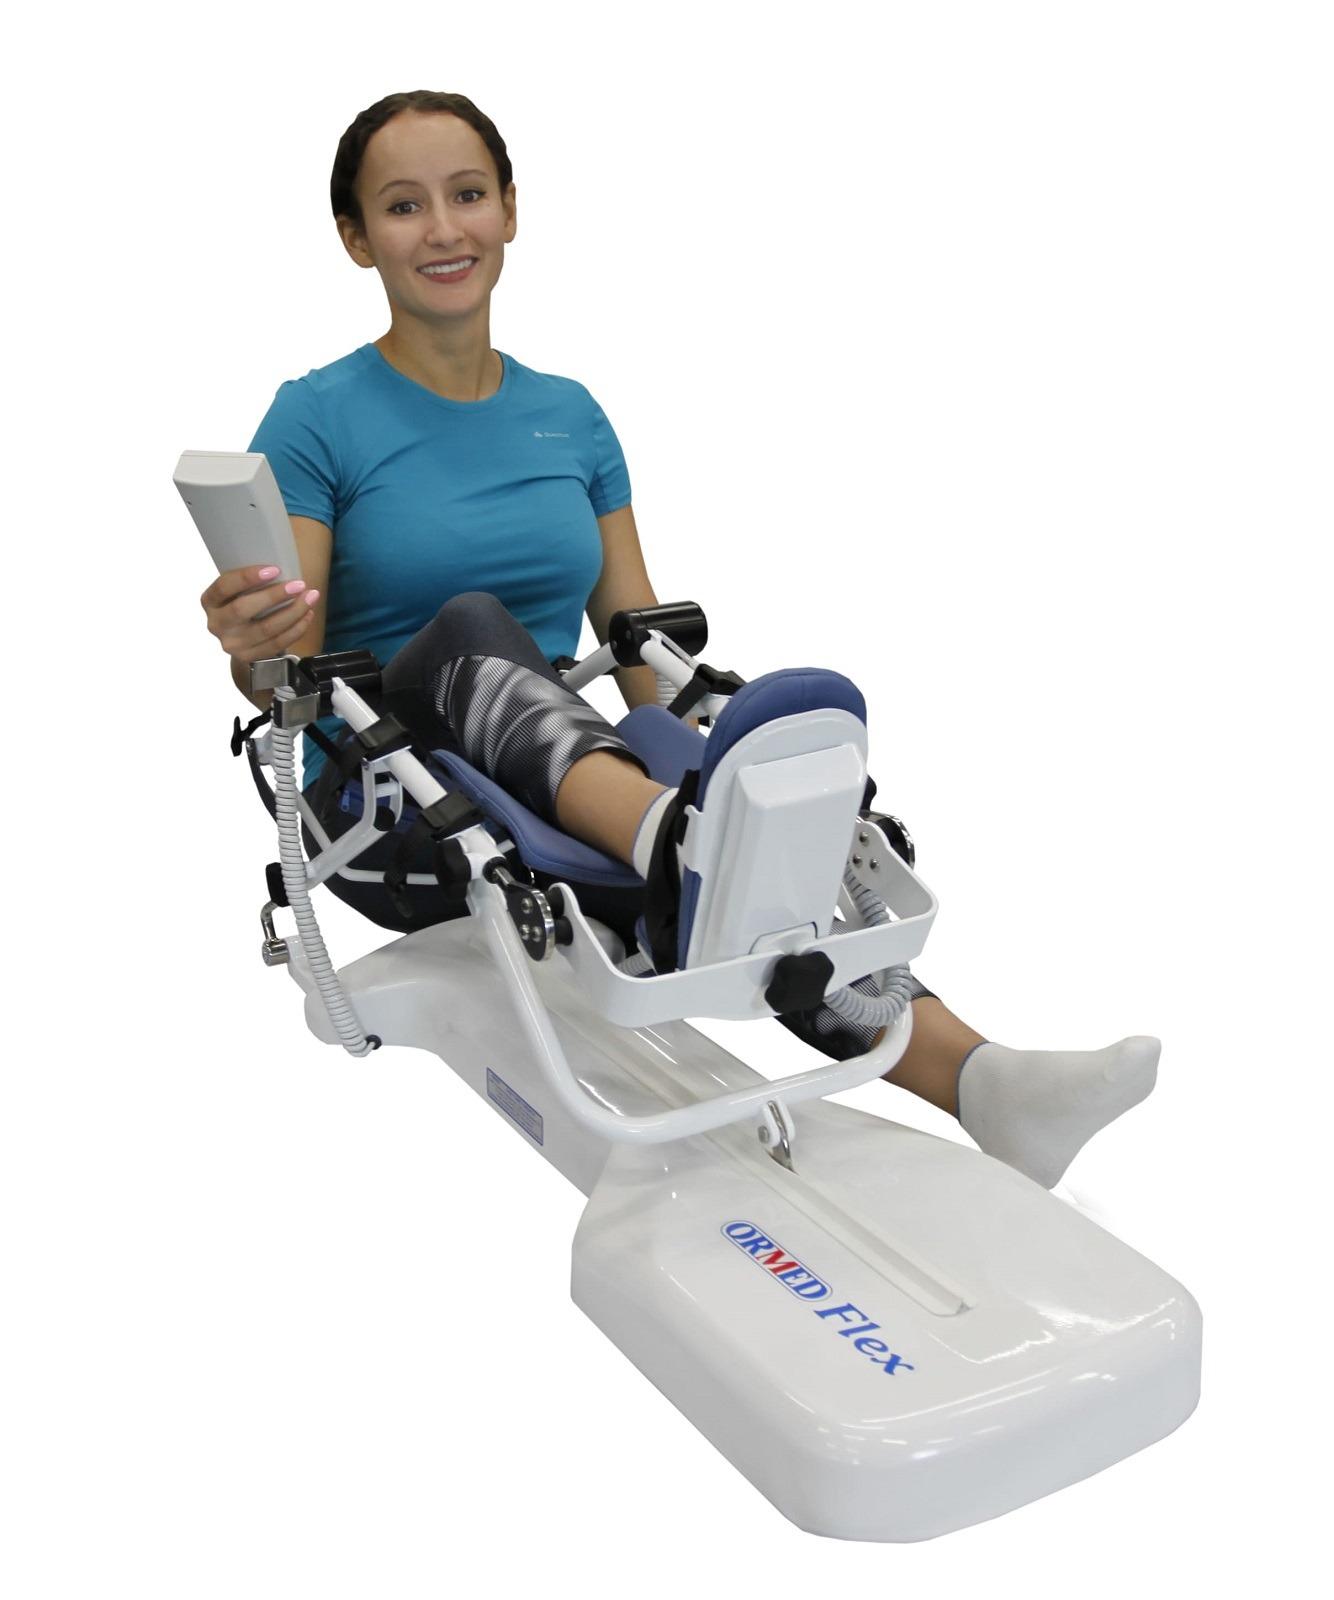 Аппарат для роботизированной механотерапии нижних конечностей FLEX - F01 ACTIVE